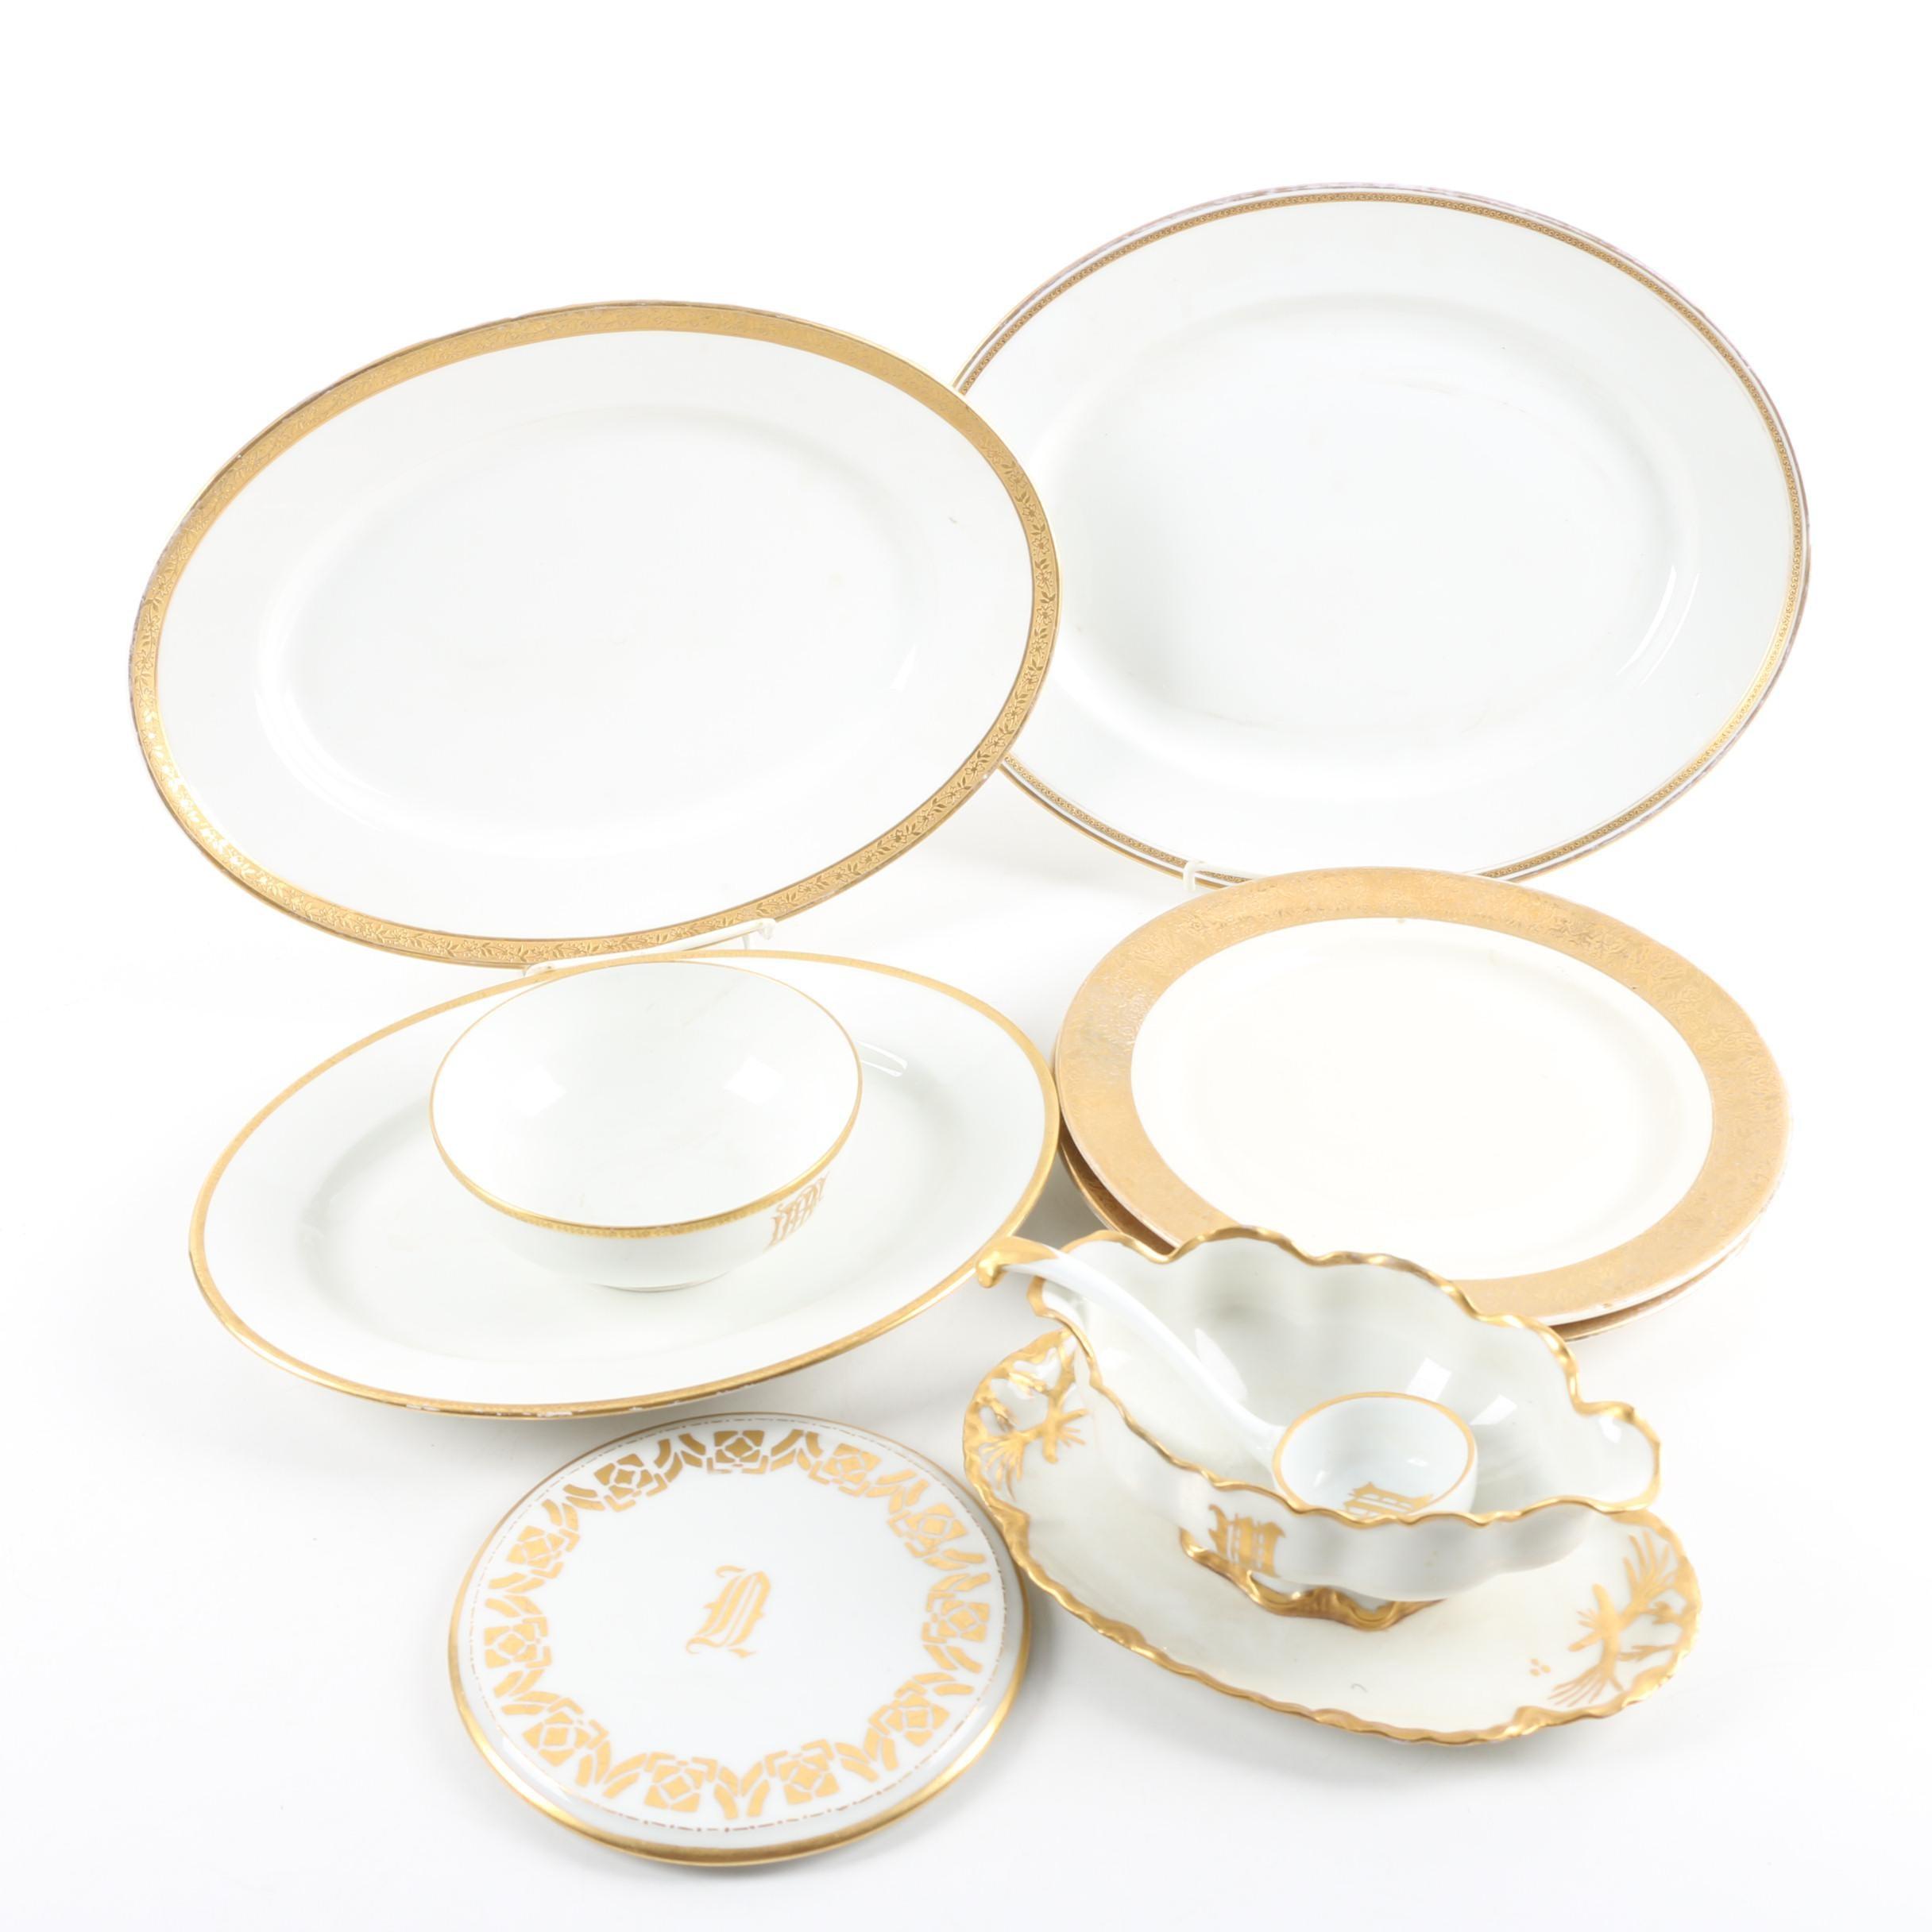 Gilt Porcelain Serveware Including Vintage Limoges